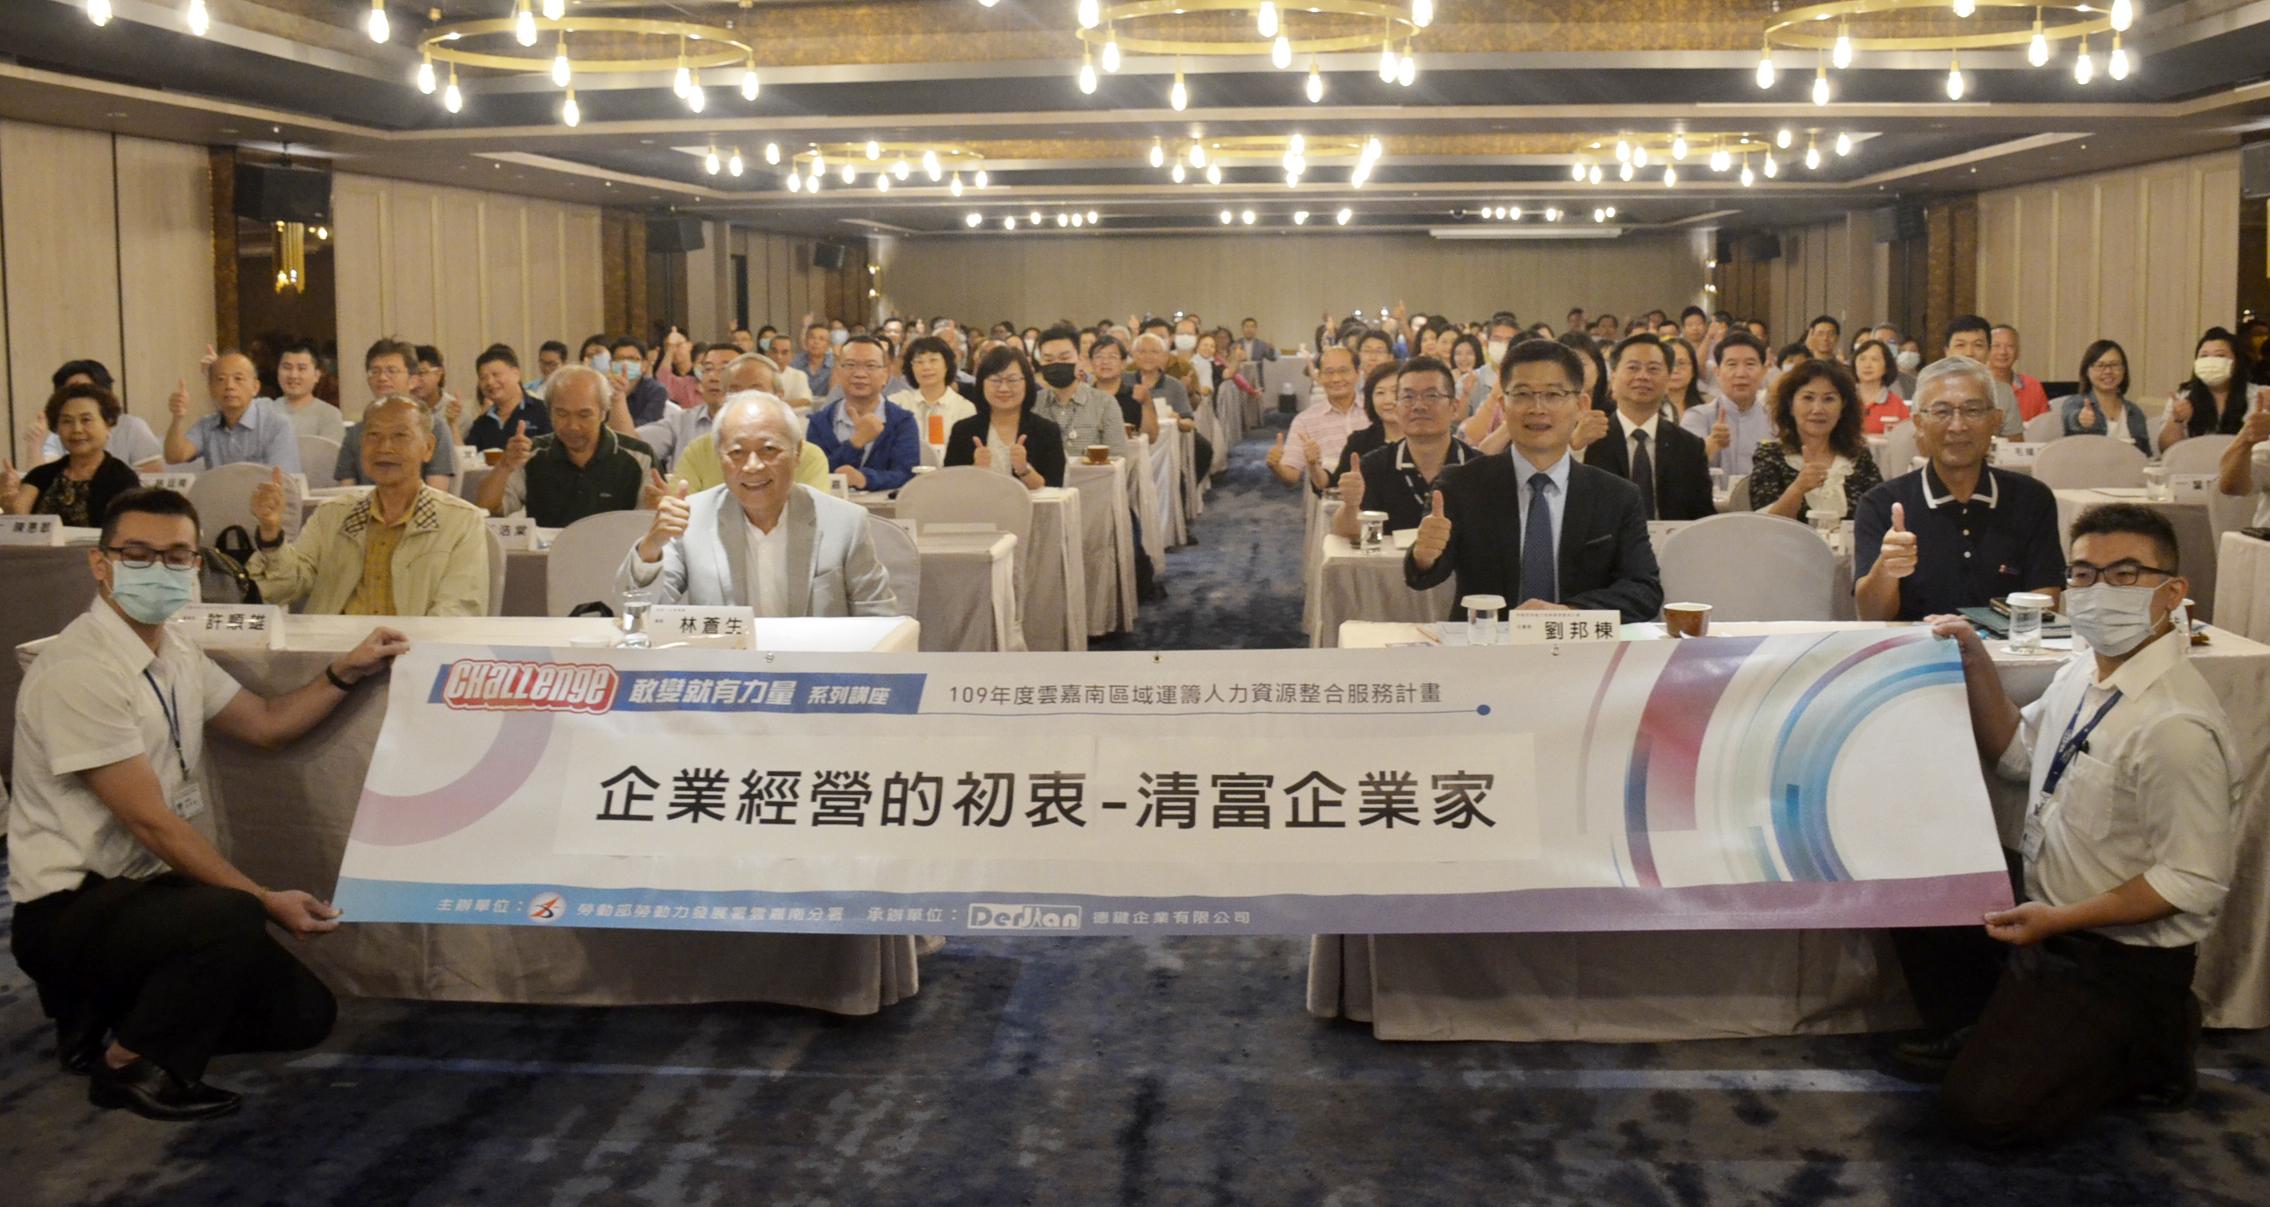 分享企業成功心法 勞動部邀統一前總裁林蒼生暢談經驗